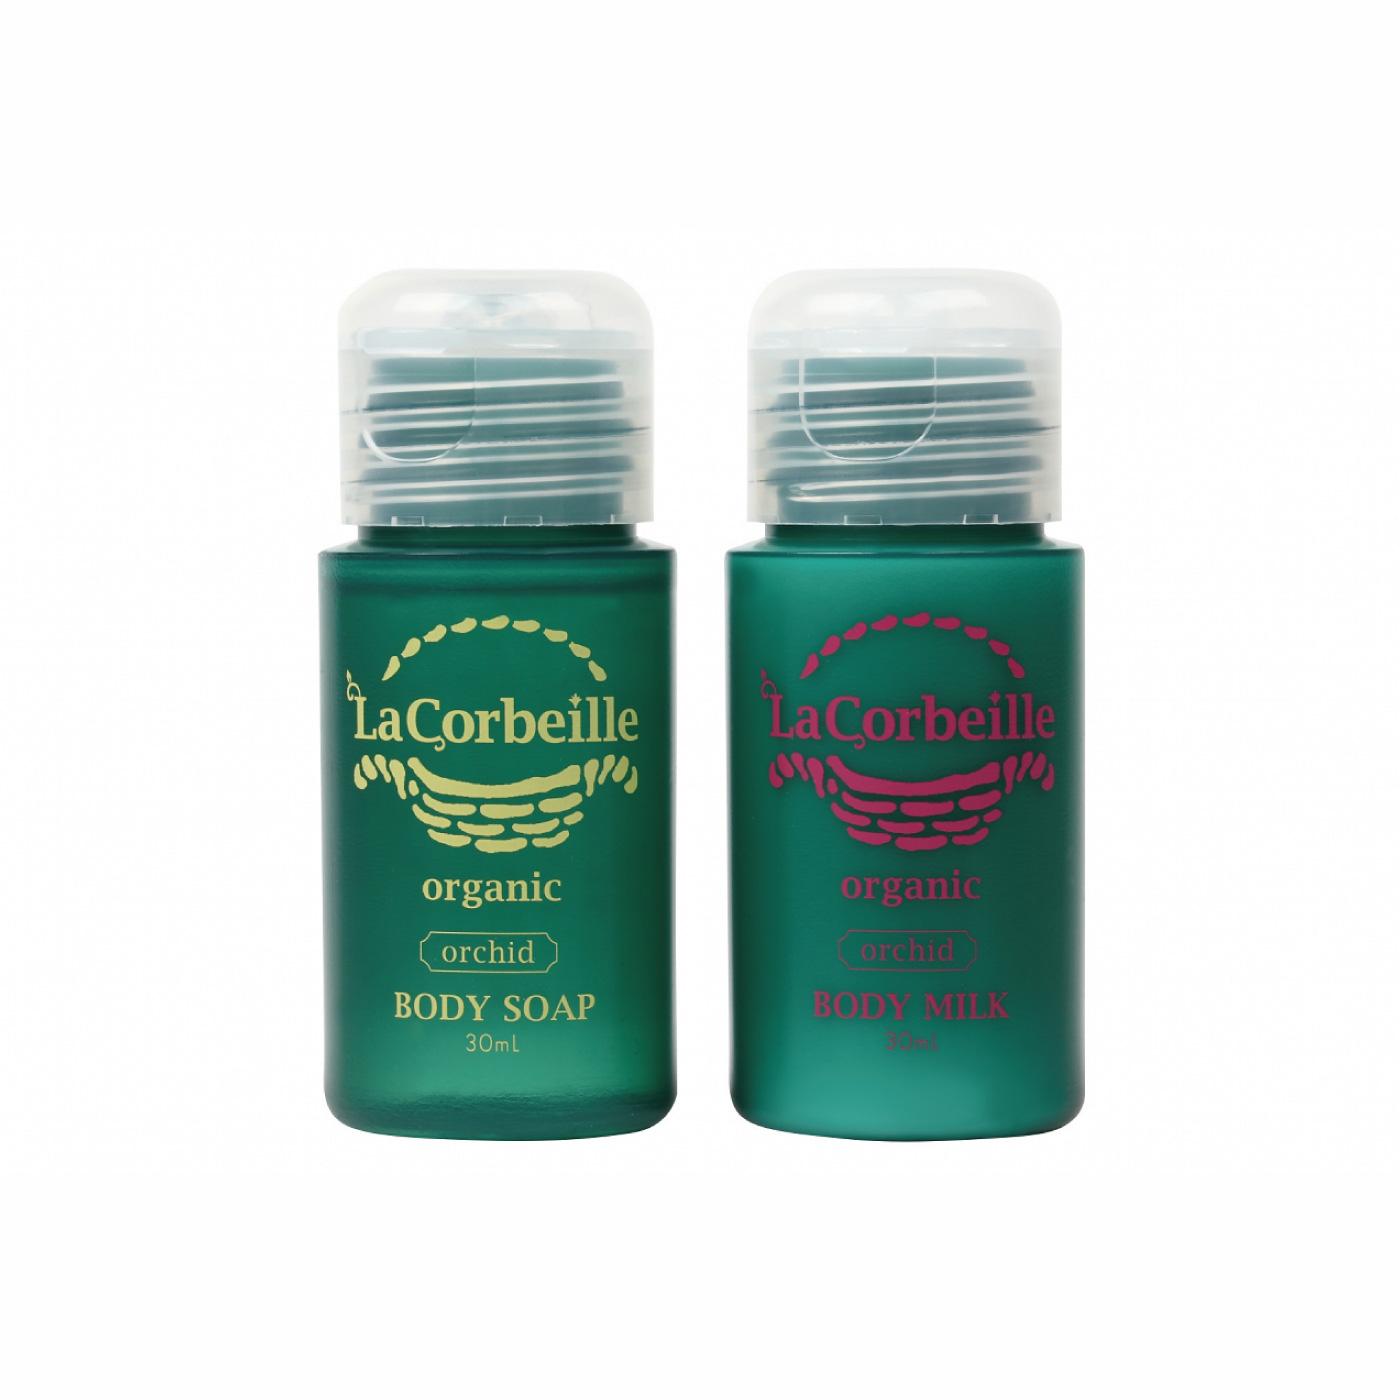 フェリシモ フレグランスのように香りが変わる ラ コルベイユ オーガニック トライアル ボディケアセット〈オーキッド〉の会